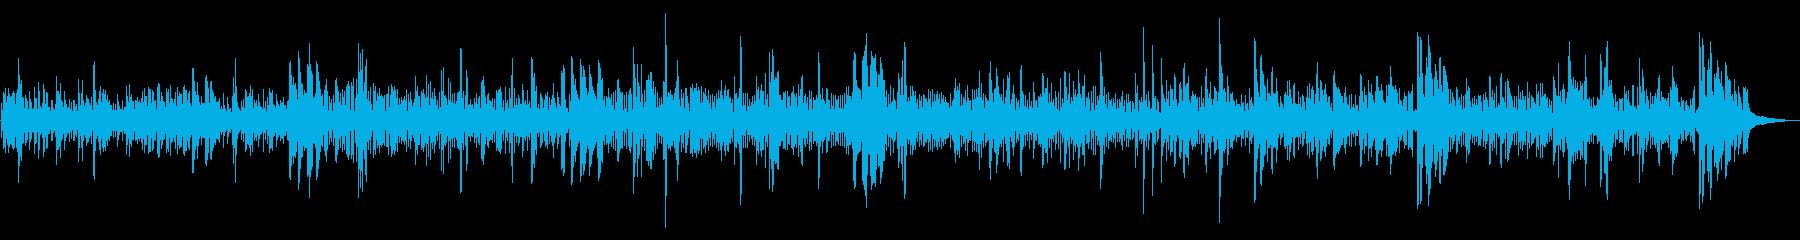 JAZZ|店舗配信・イベント・映像制作の再生済みの波形